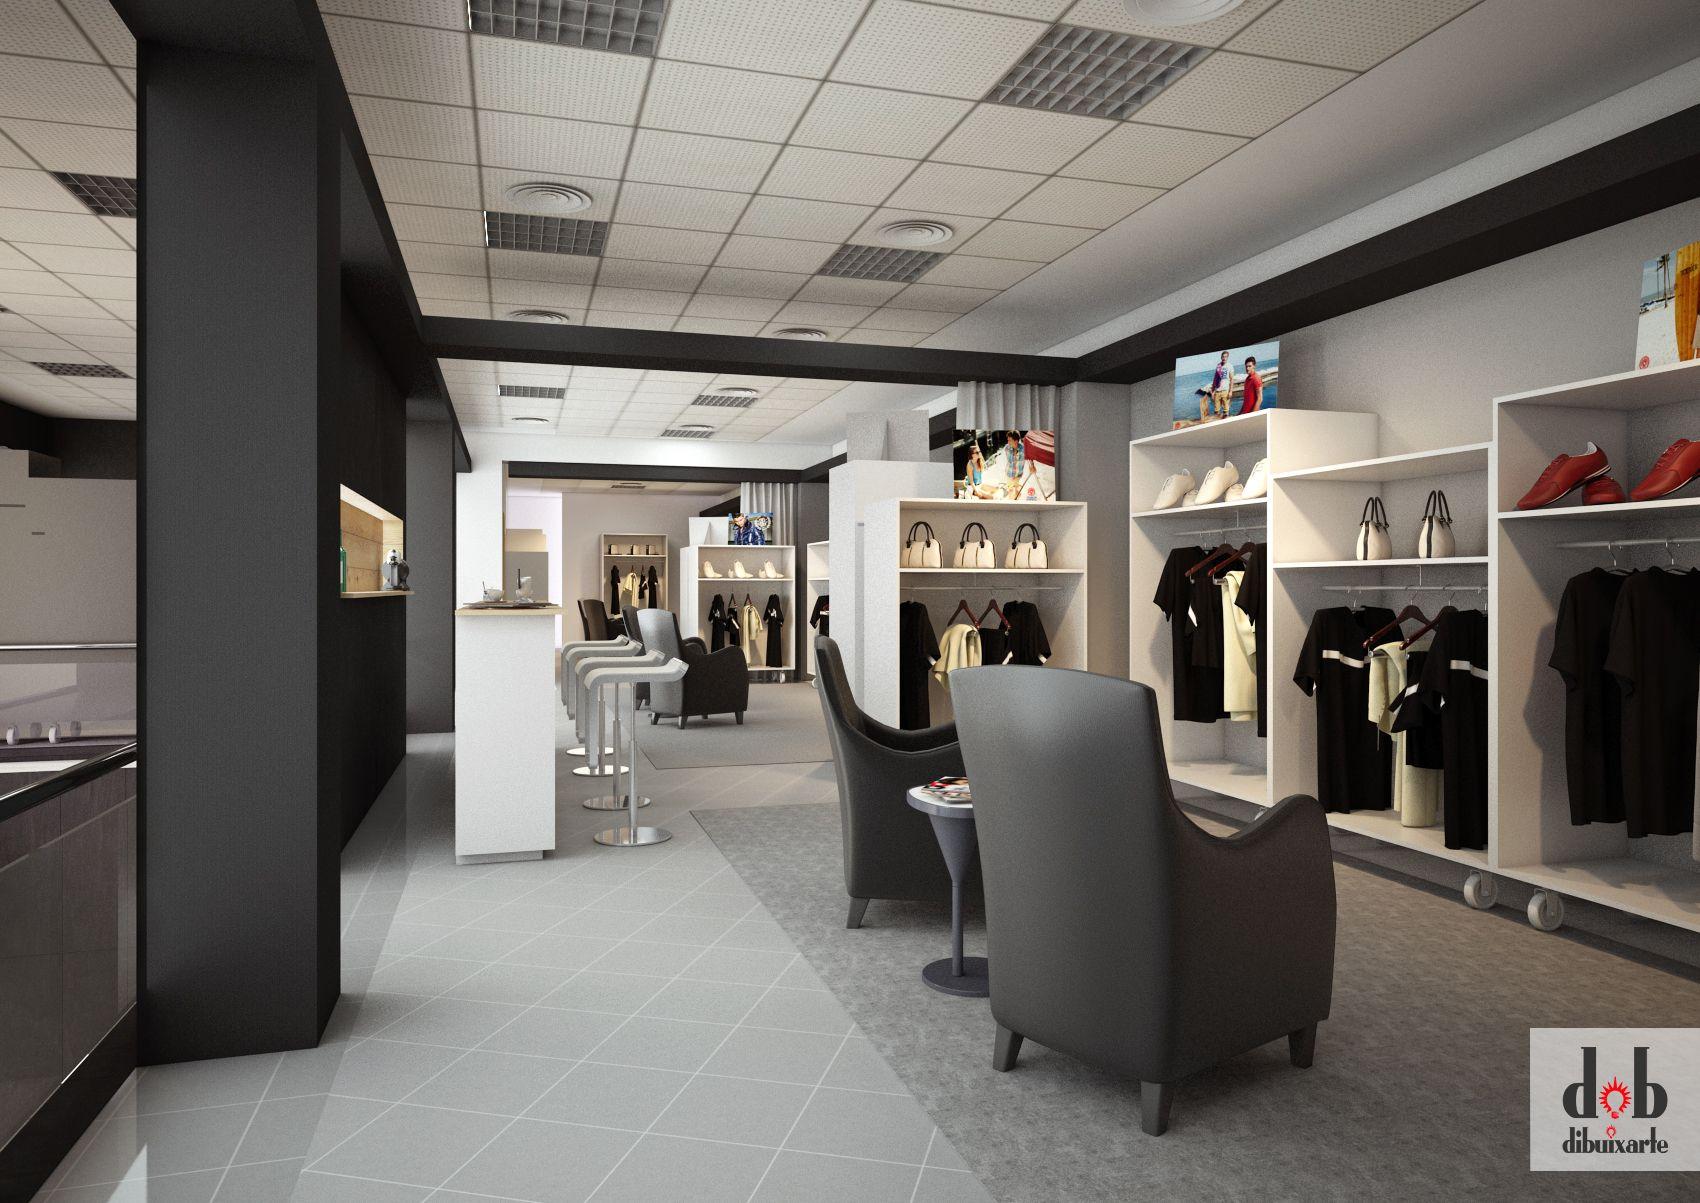 dise o de showroom para tienda de ropa en alzira trabajo